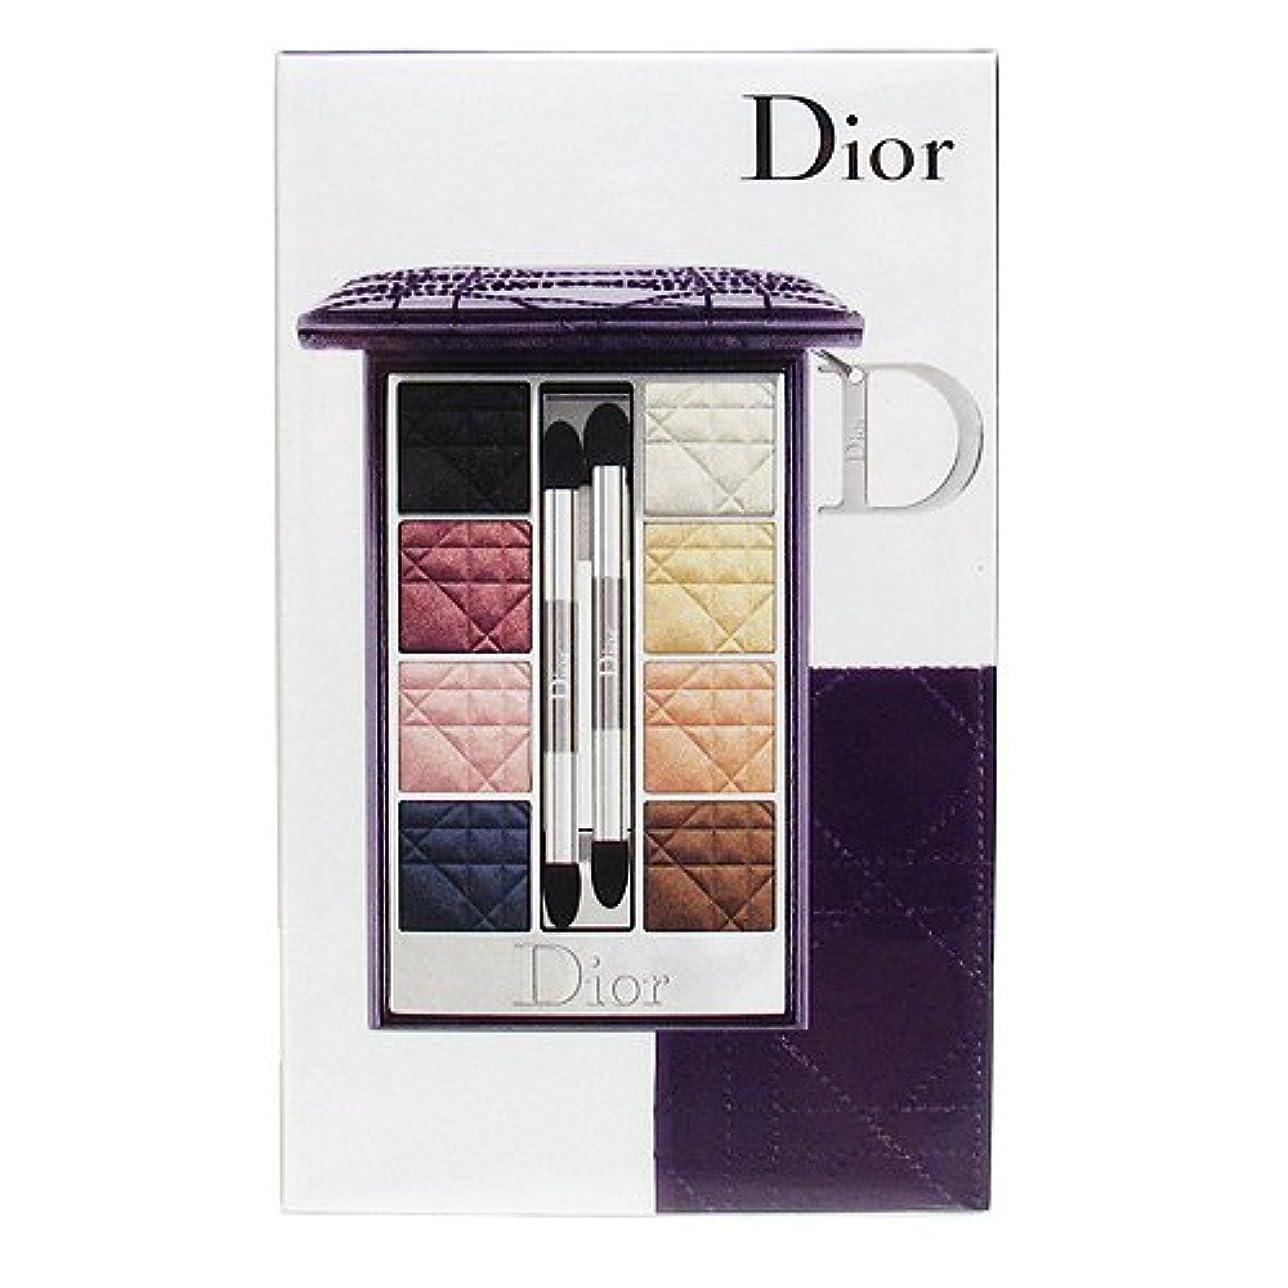 専制ぼんやりしたエスカレータークリスチャン ディオール カナージュコレクション アイパレット Christian Dior